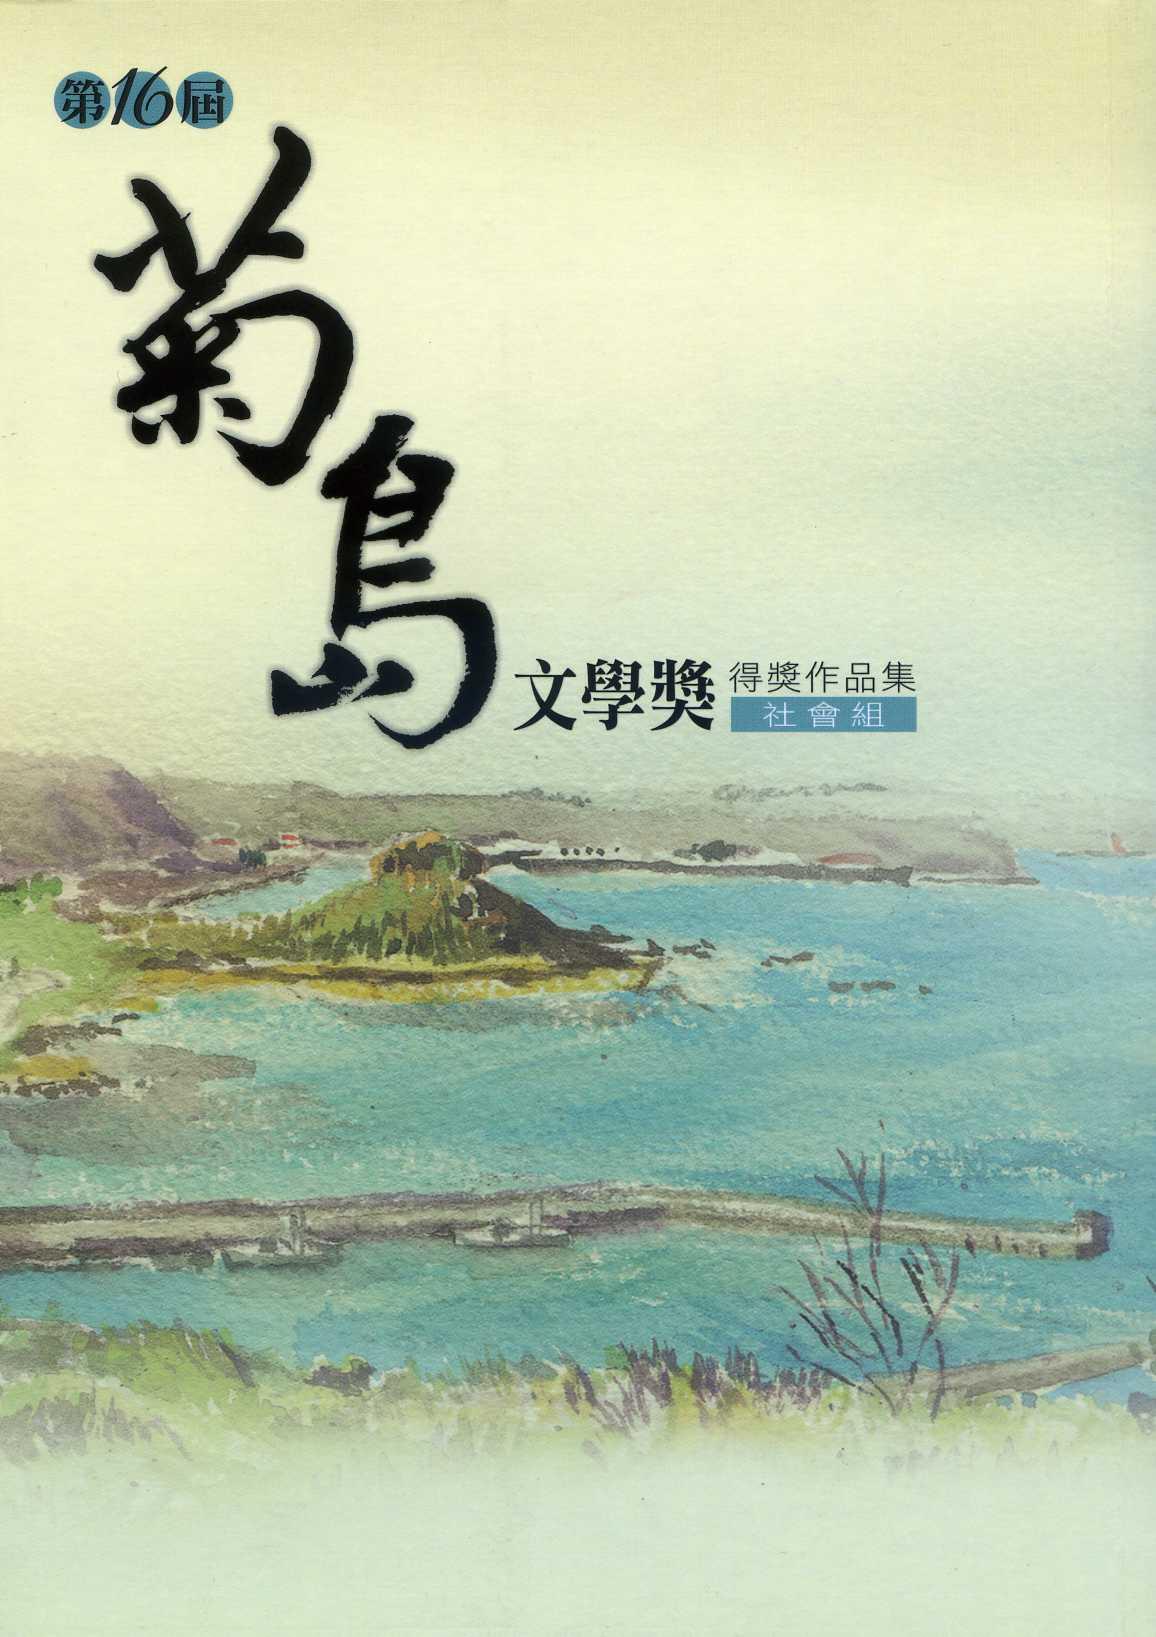 菊島文學獎得獎作品集 第16屆 : 社會組